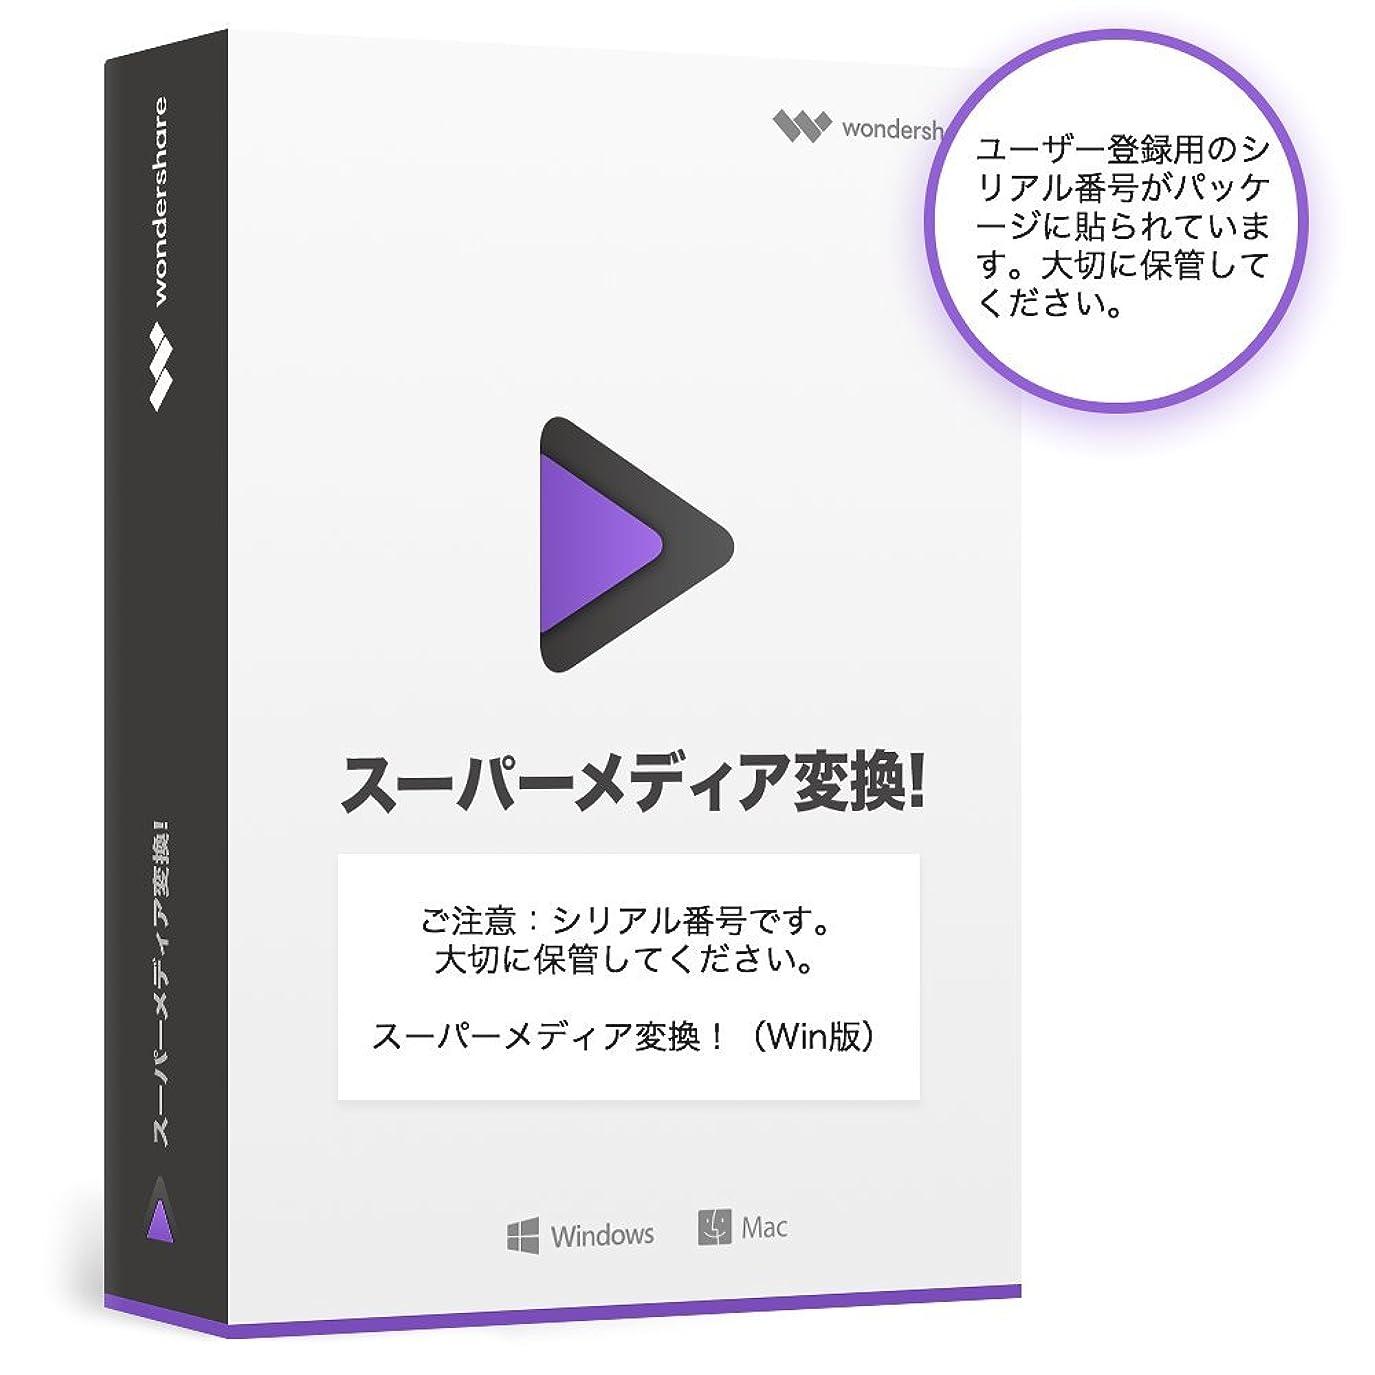 気がついてジェームズダイソン野望Wondershare スーパーメディア変換!(Win版)多種形式の動画や音楽を高速?高品質で簡単変換!DVD作成 永久ライセンス  ワンダーシェアー